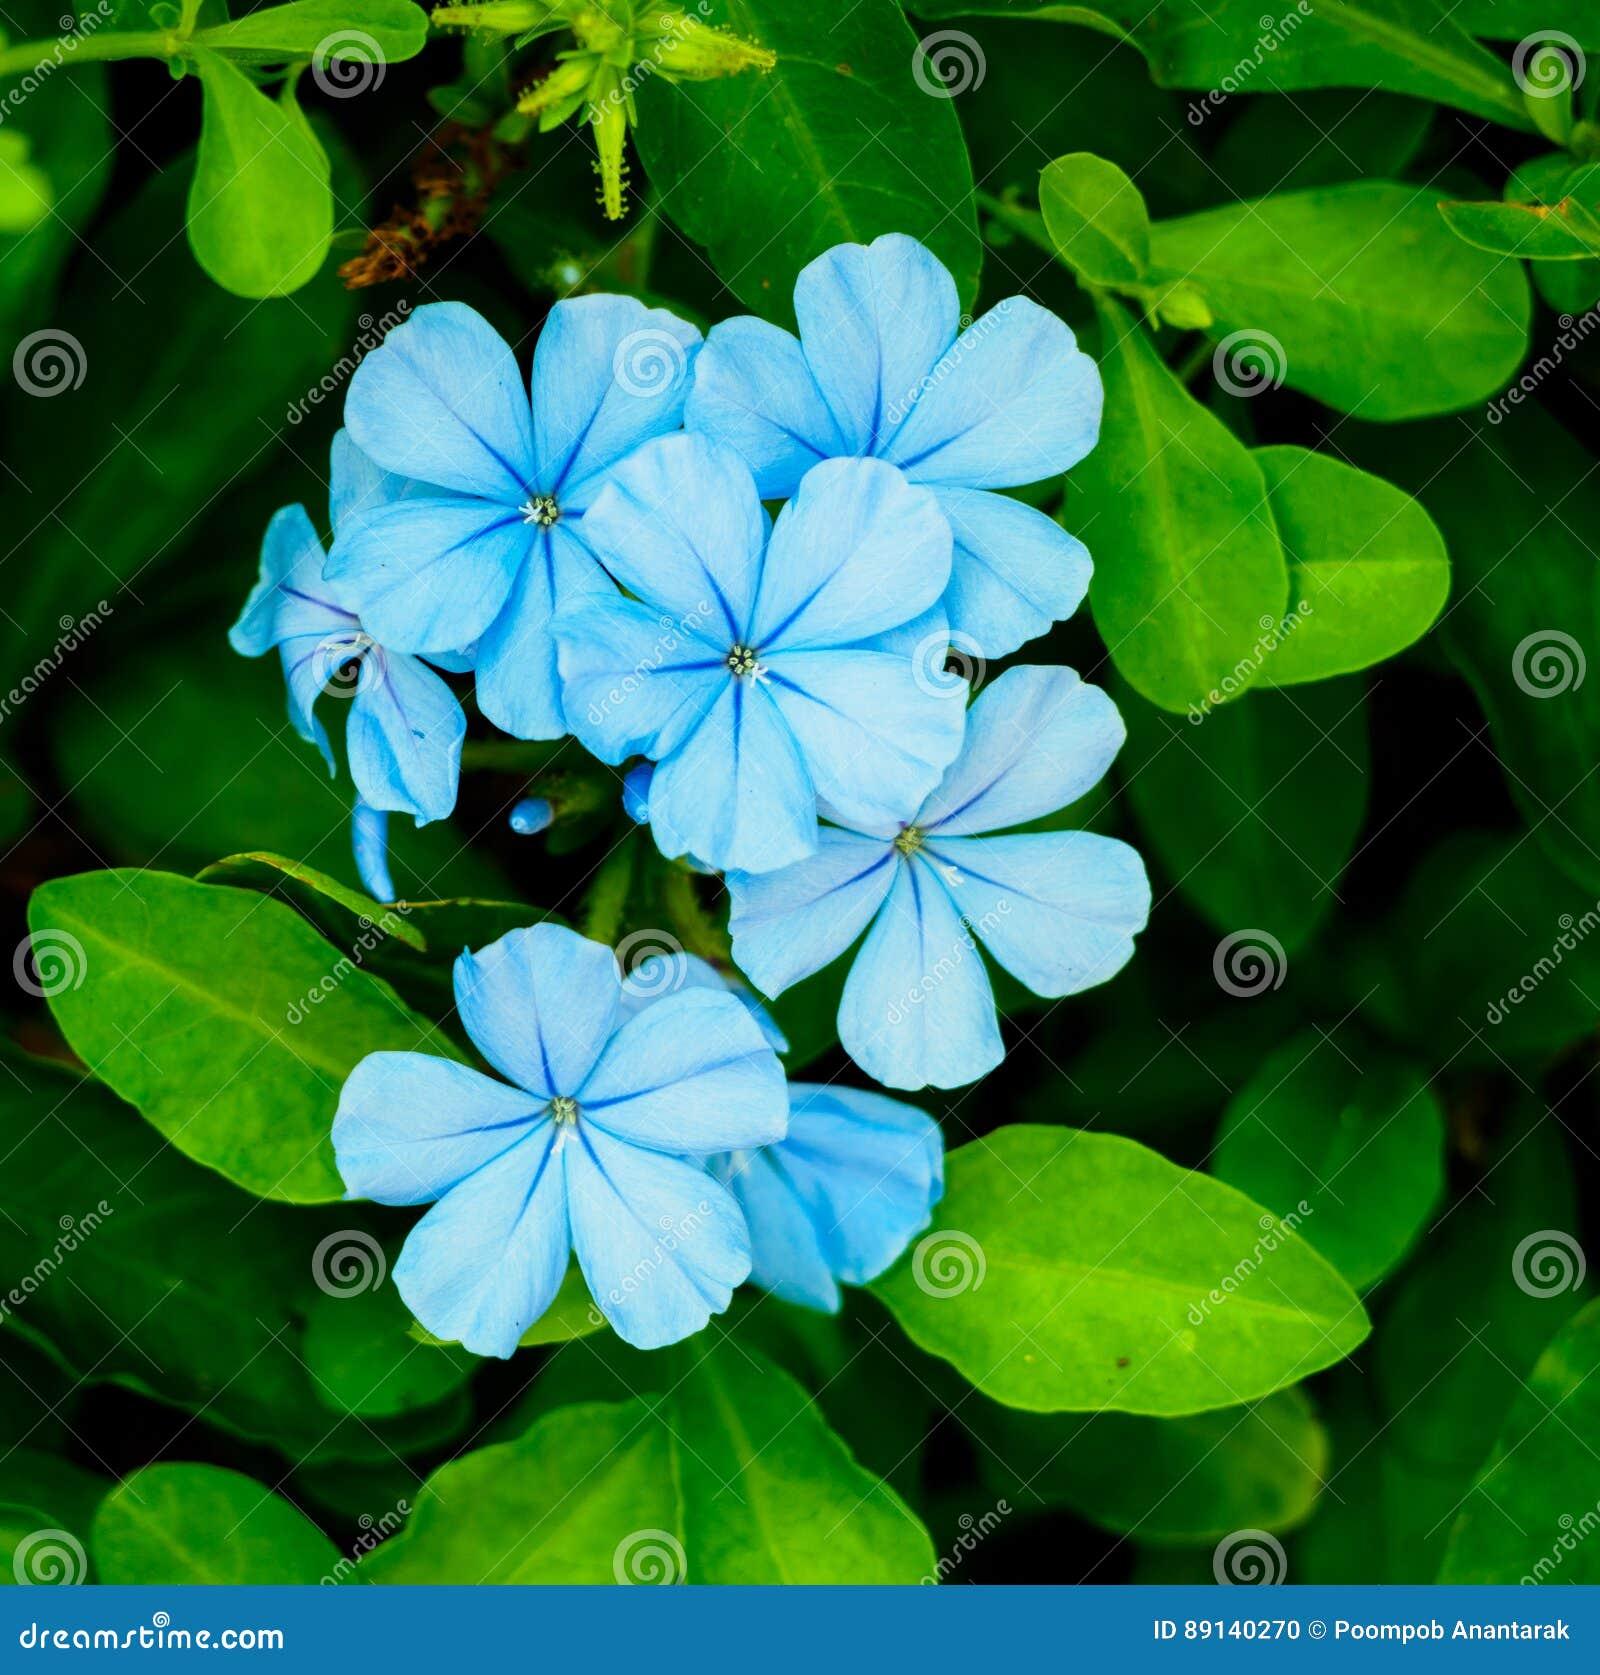 Light blue flower stock photo image of light flora 89140270 light blue flower izmirmasajfo